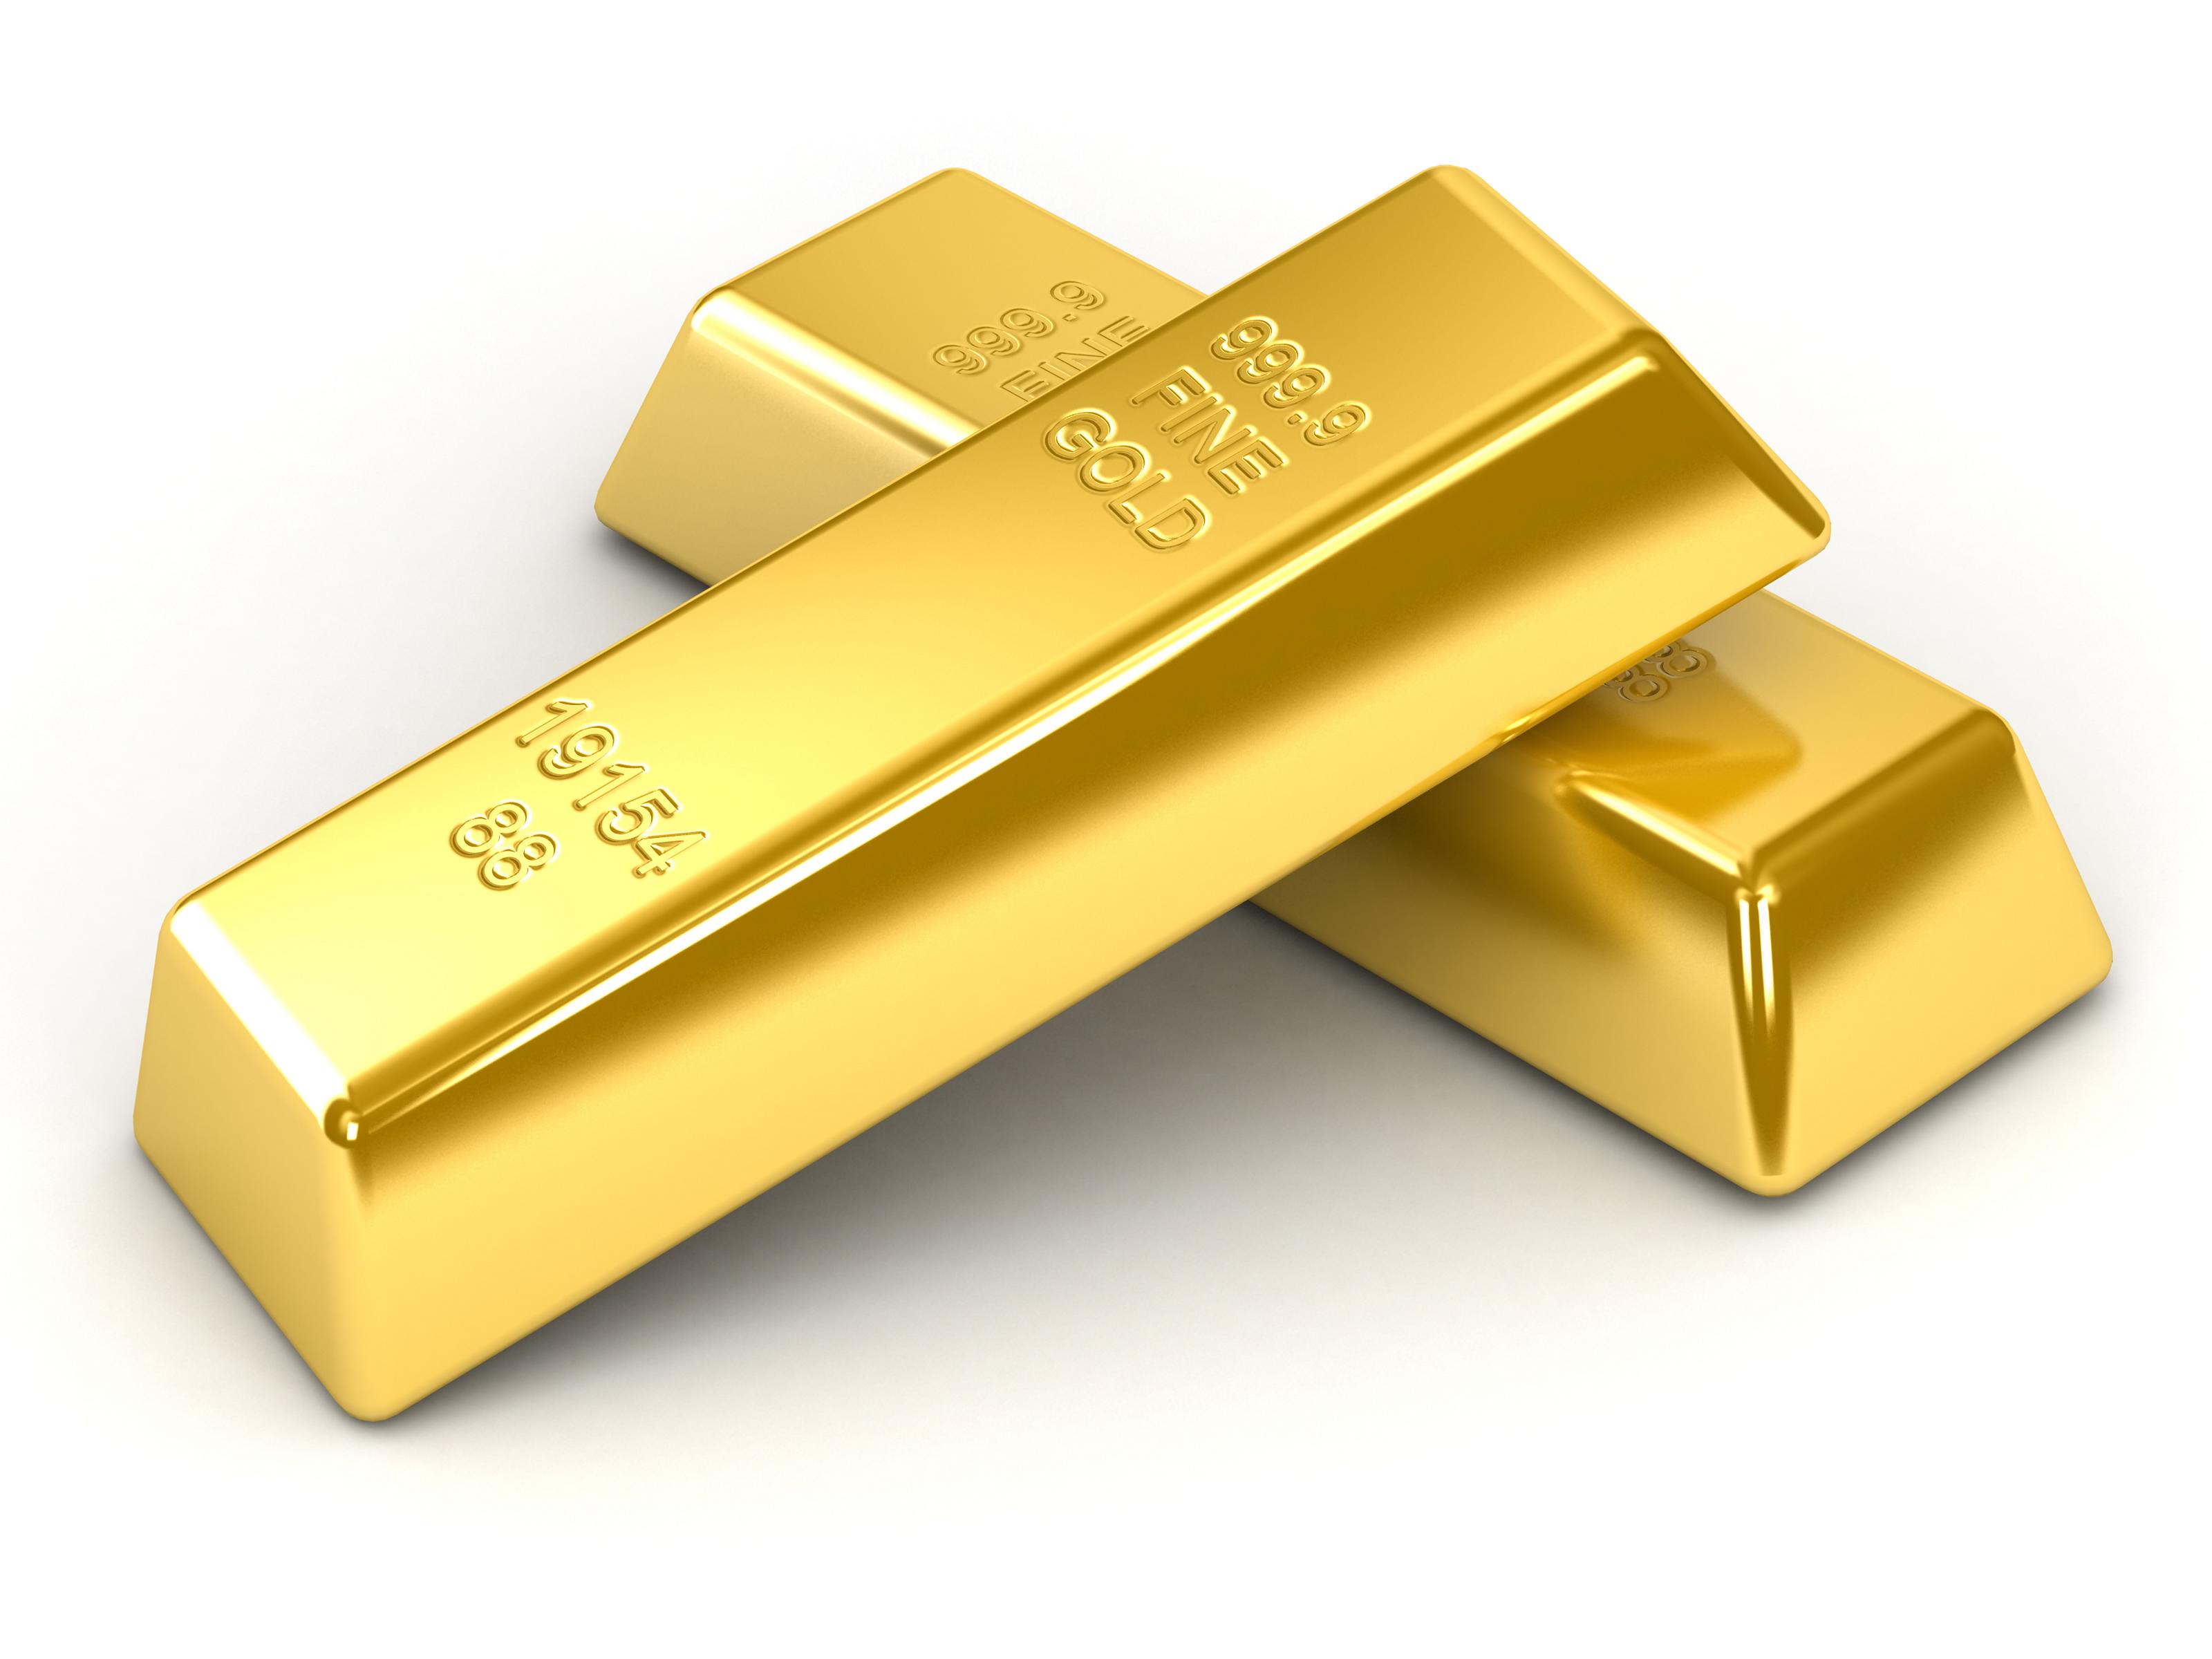 слитки золота, скачать фото, обои на рабочий стол, gold